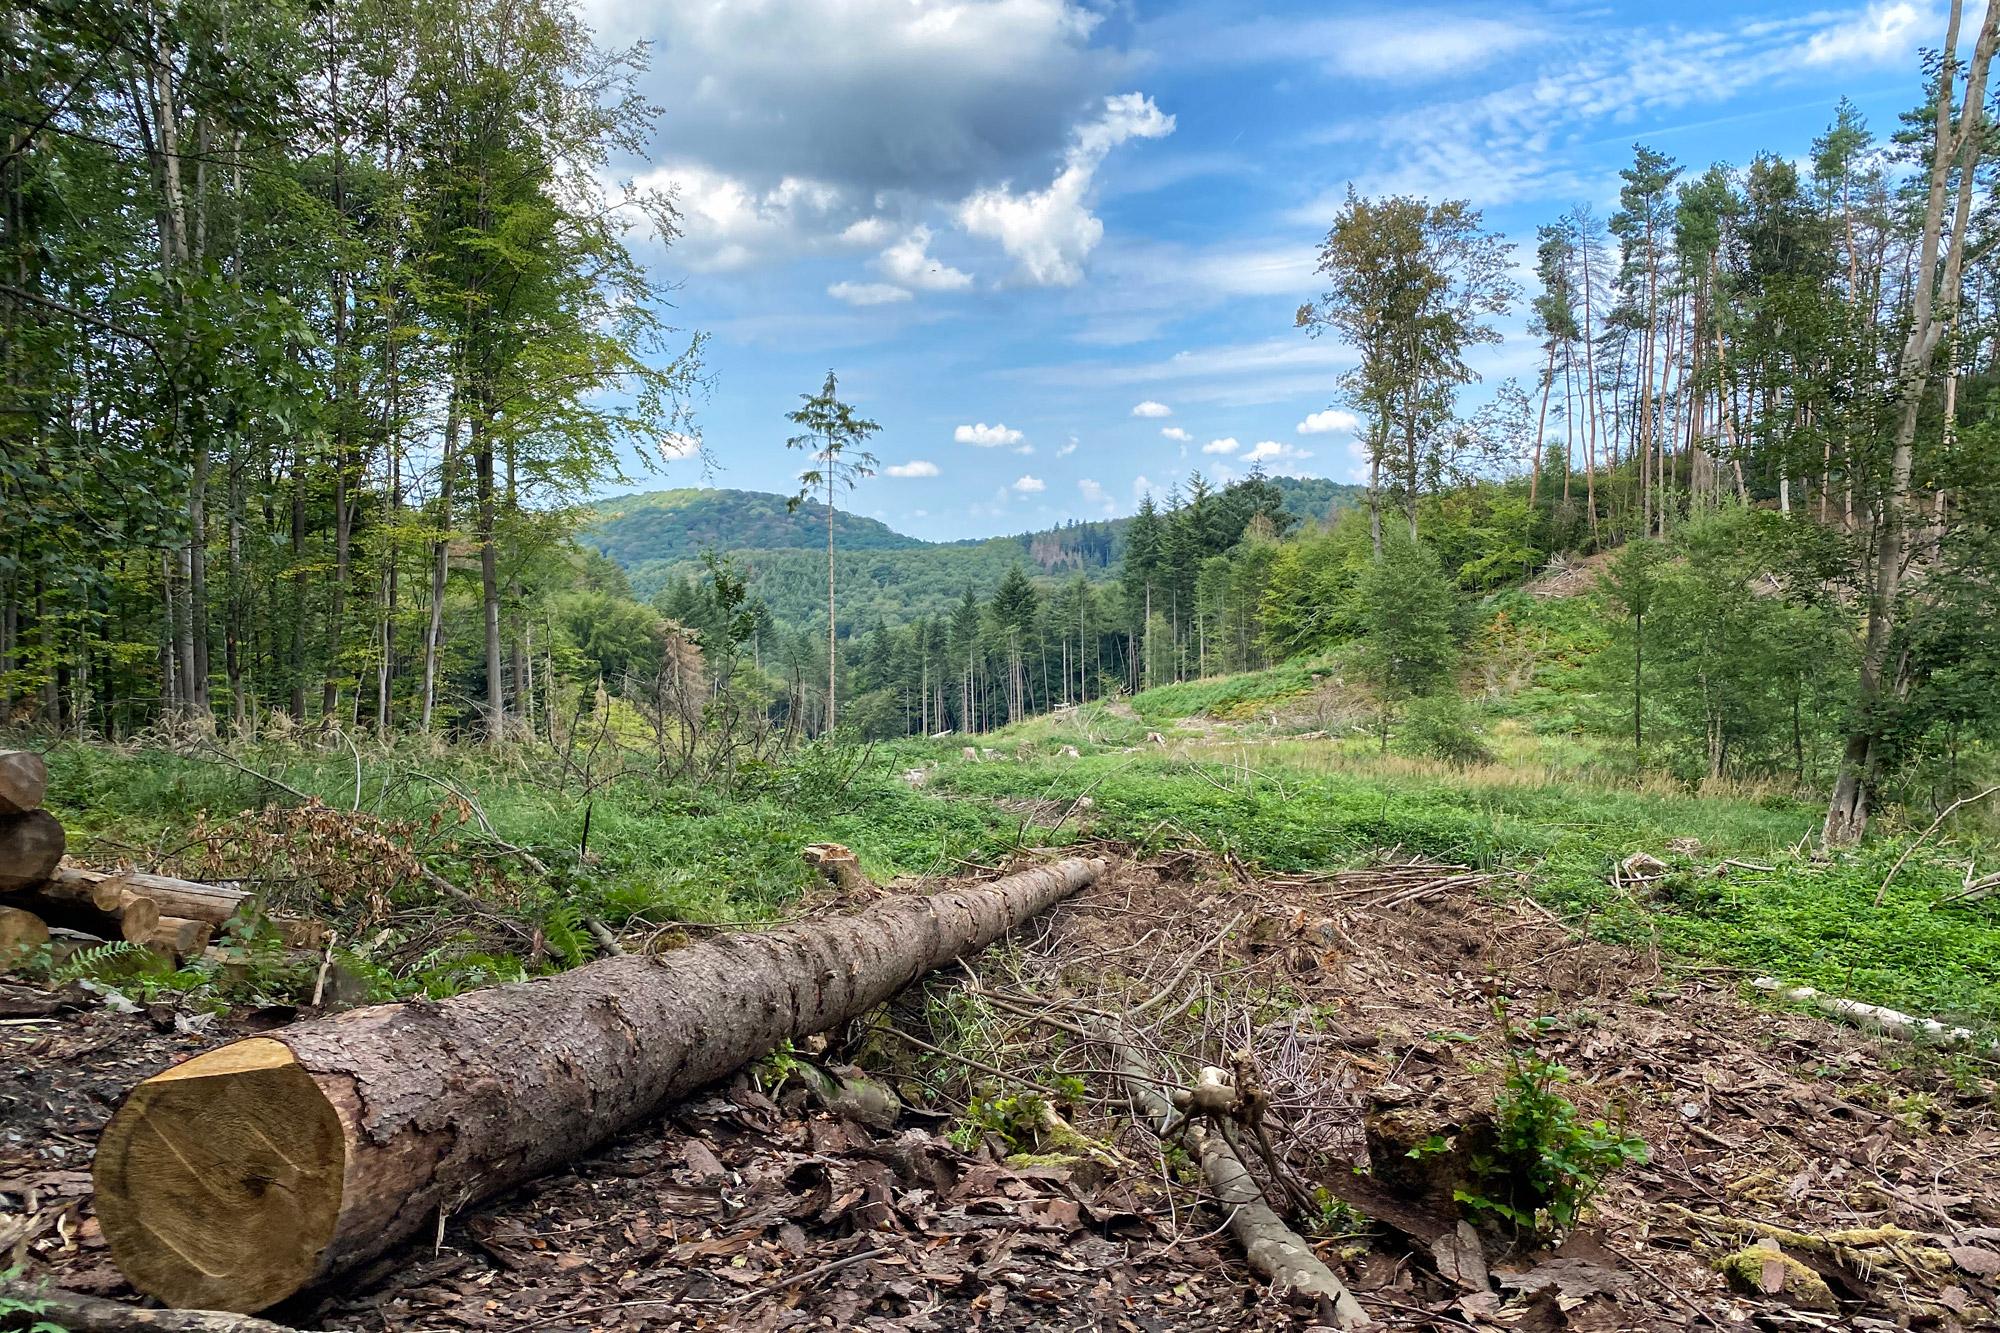 Foto van de maand: Augustus 2020 - Siebengebirge, Duitsland